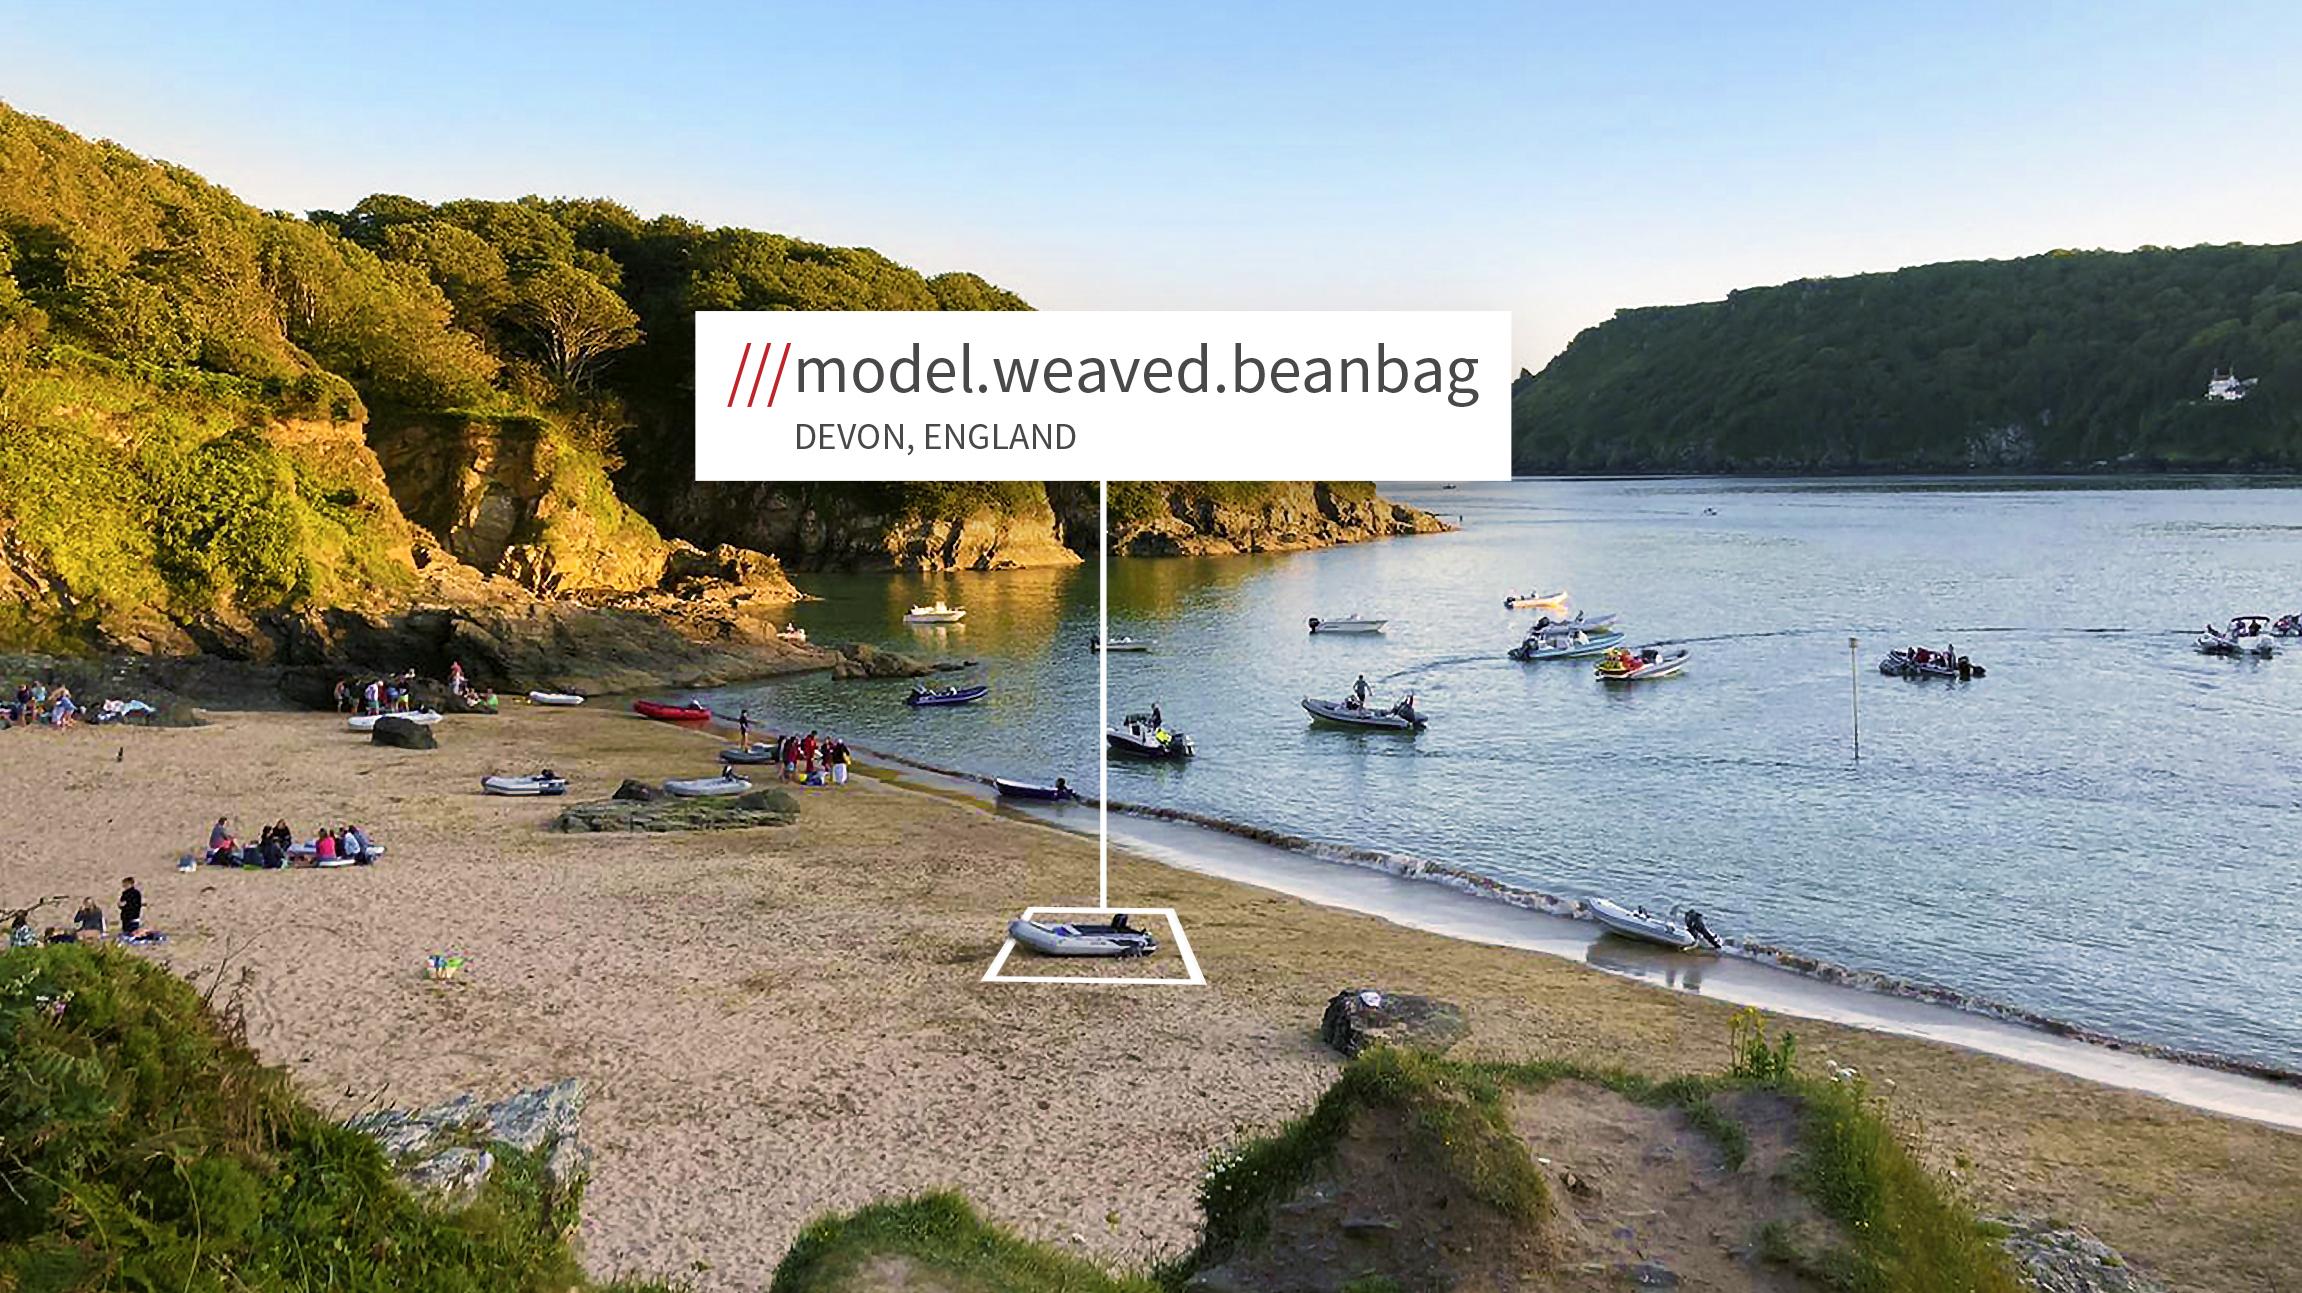 Scene of a bay in Devon with 3 words describing it (model, weaved, beanbag)